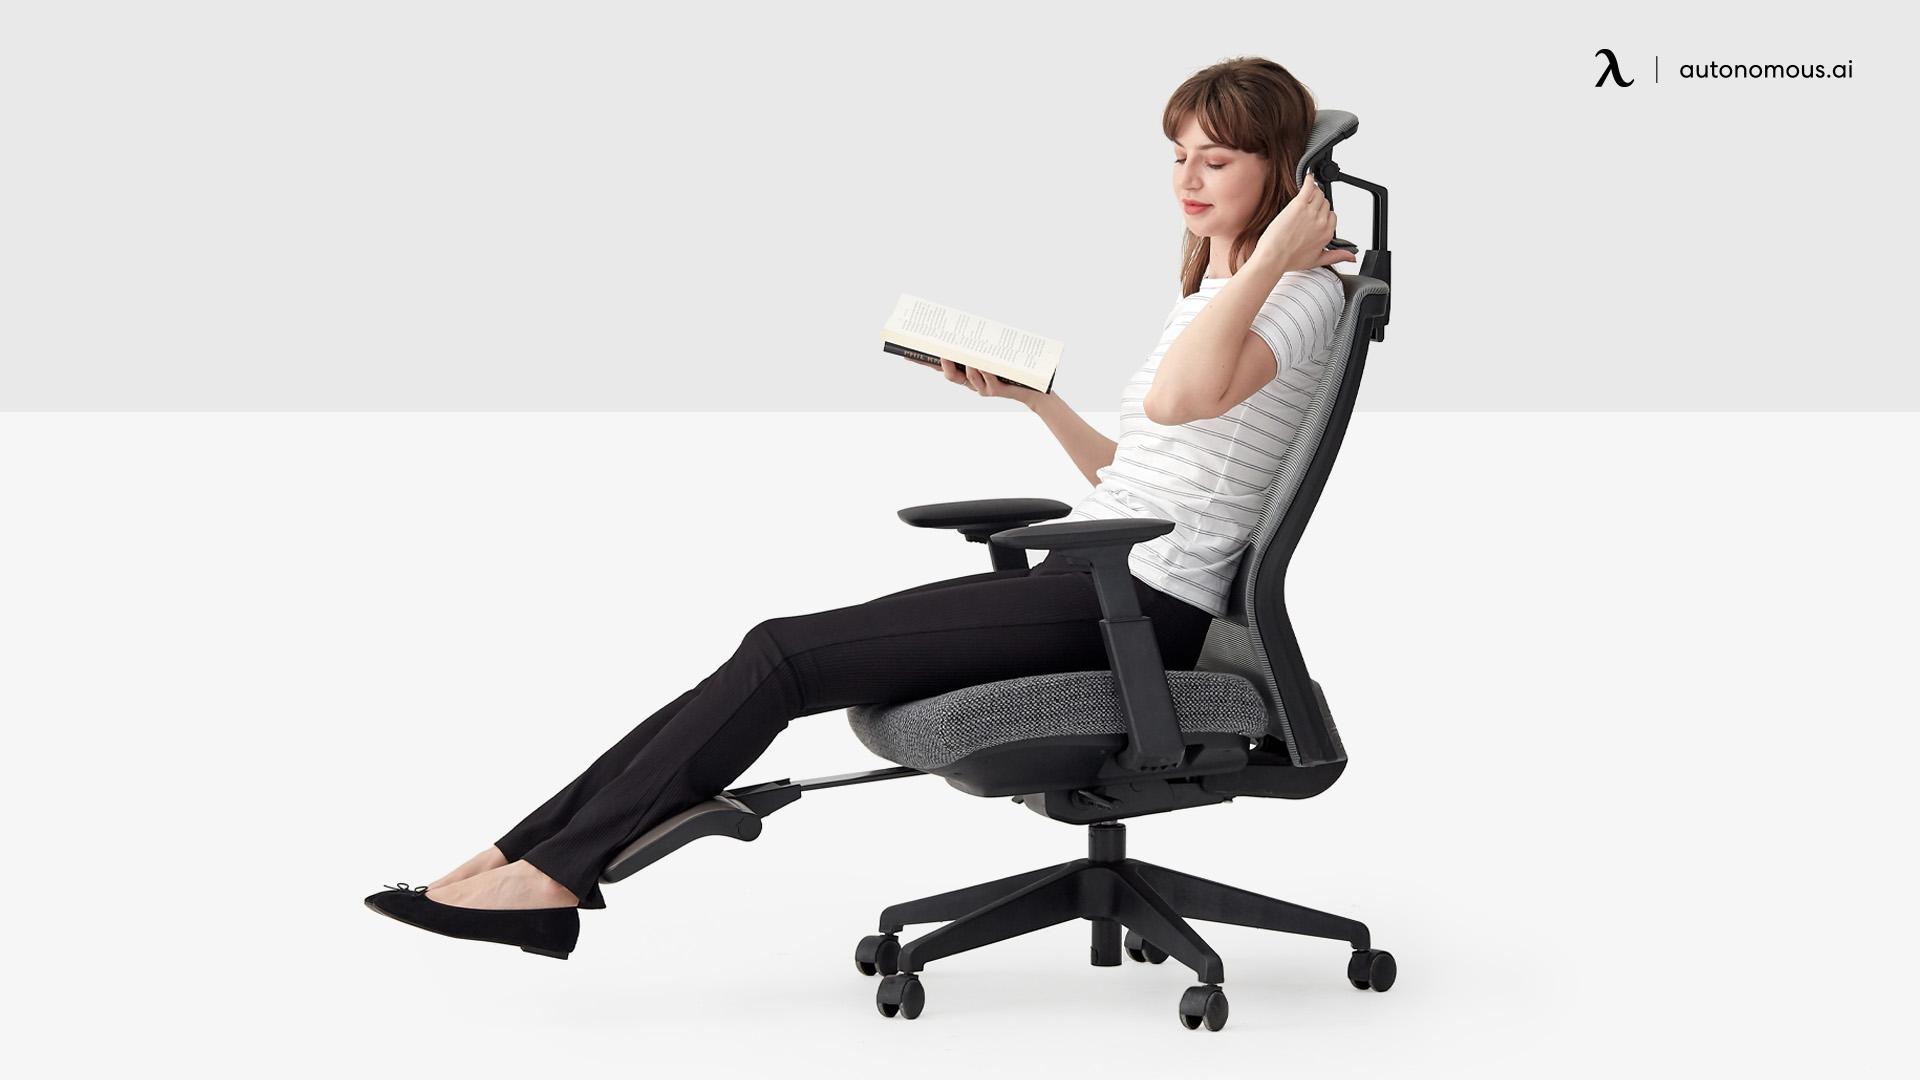 MyoChair - Design with Headrest & Footrest